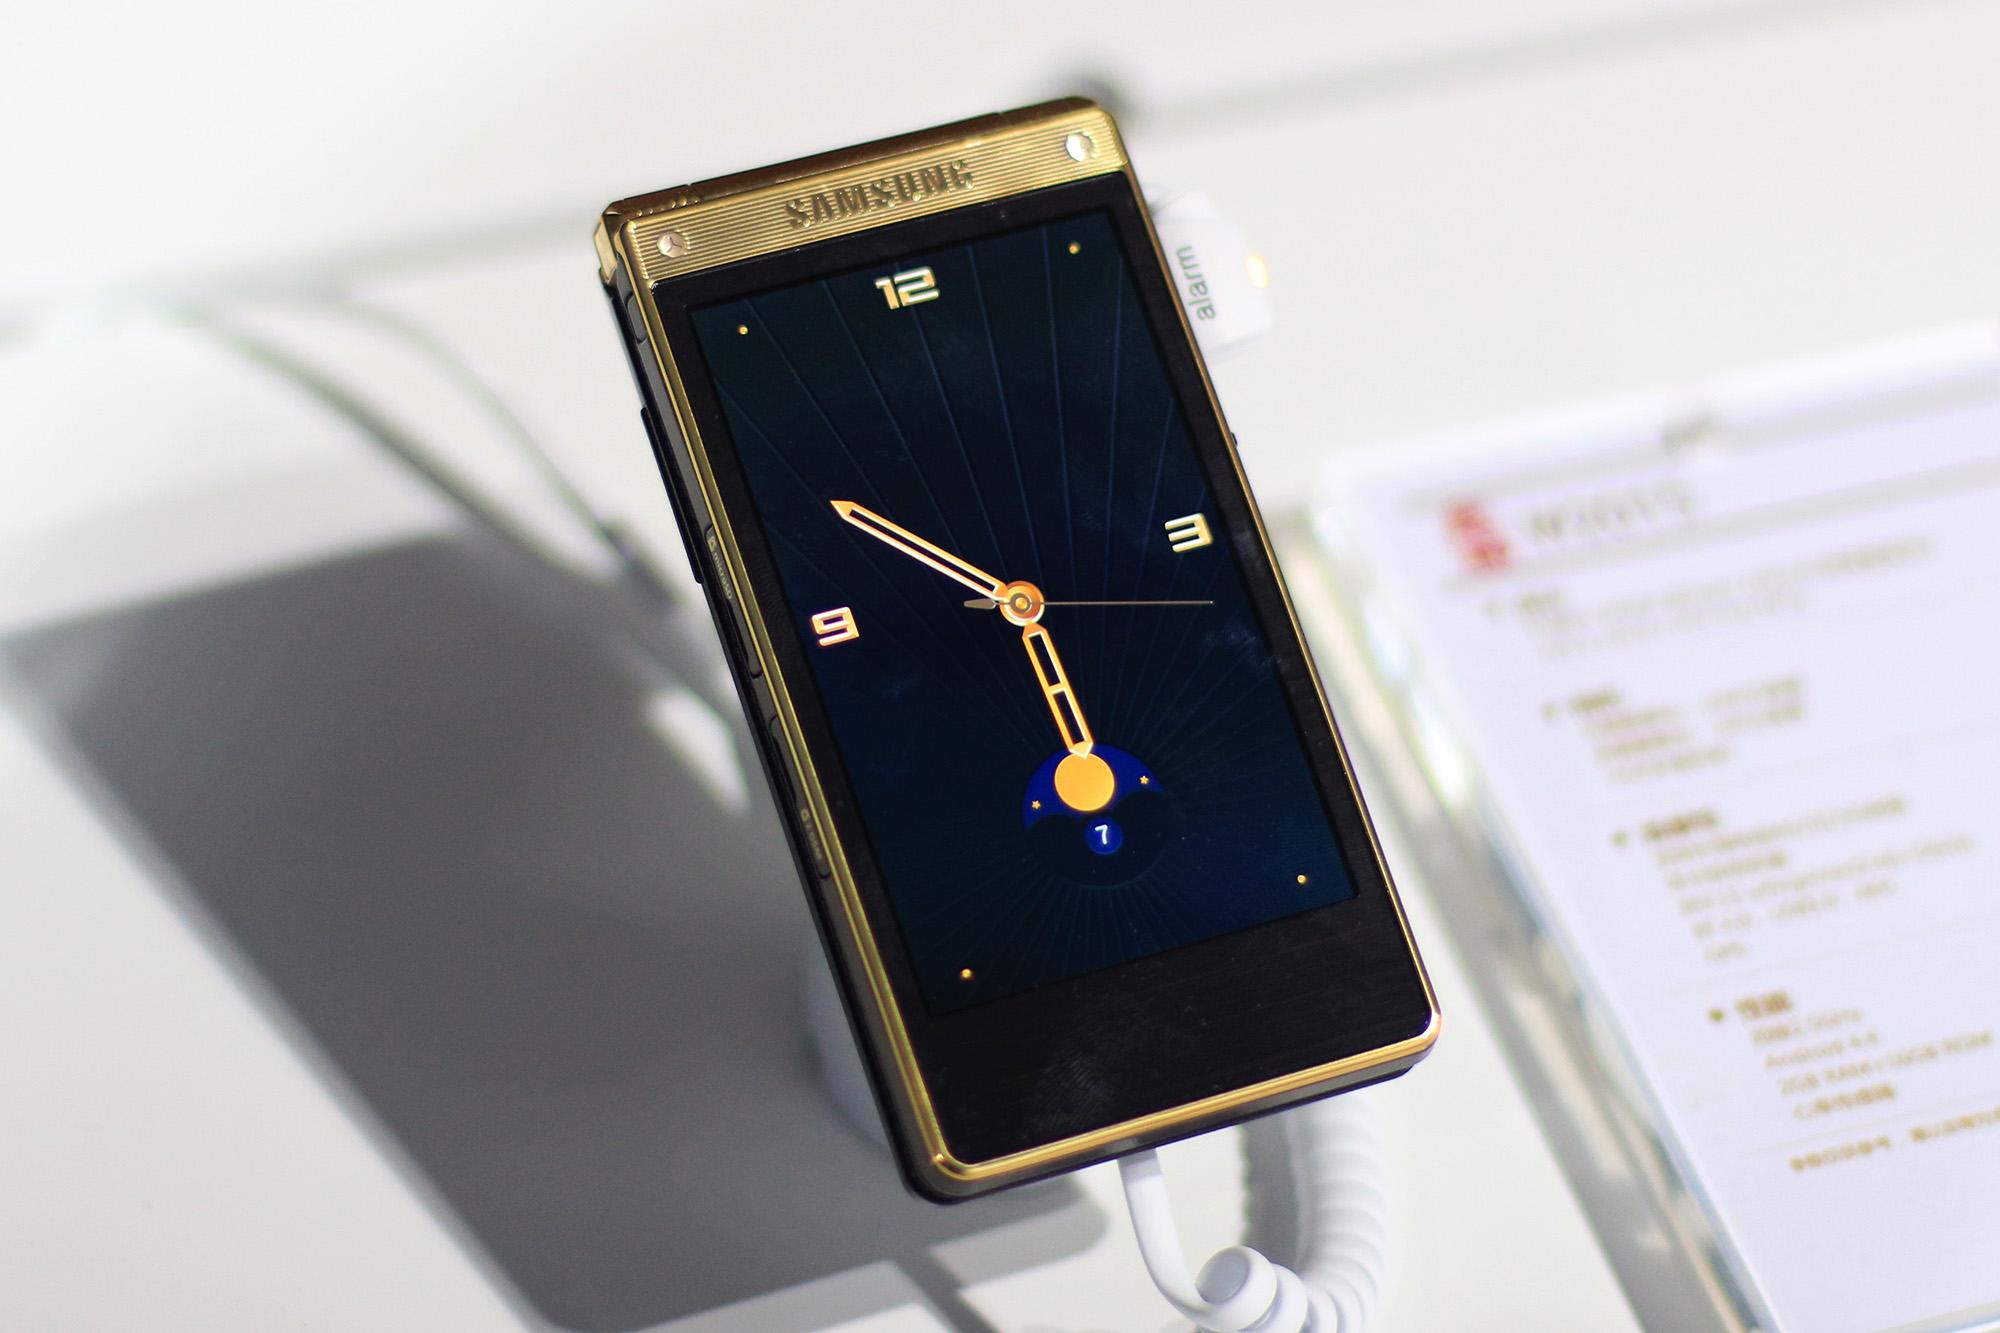 内敛时尚新气质:三星W2016高端翻盖手机体验评测